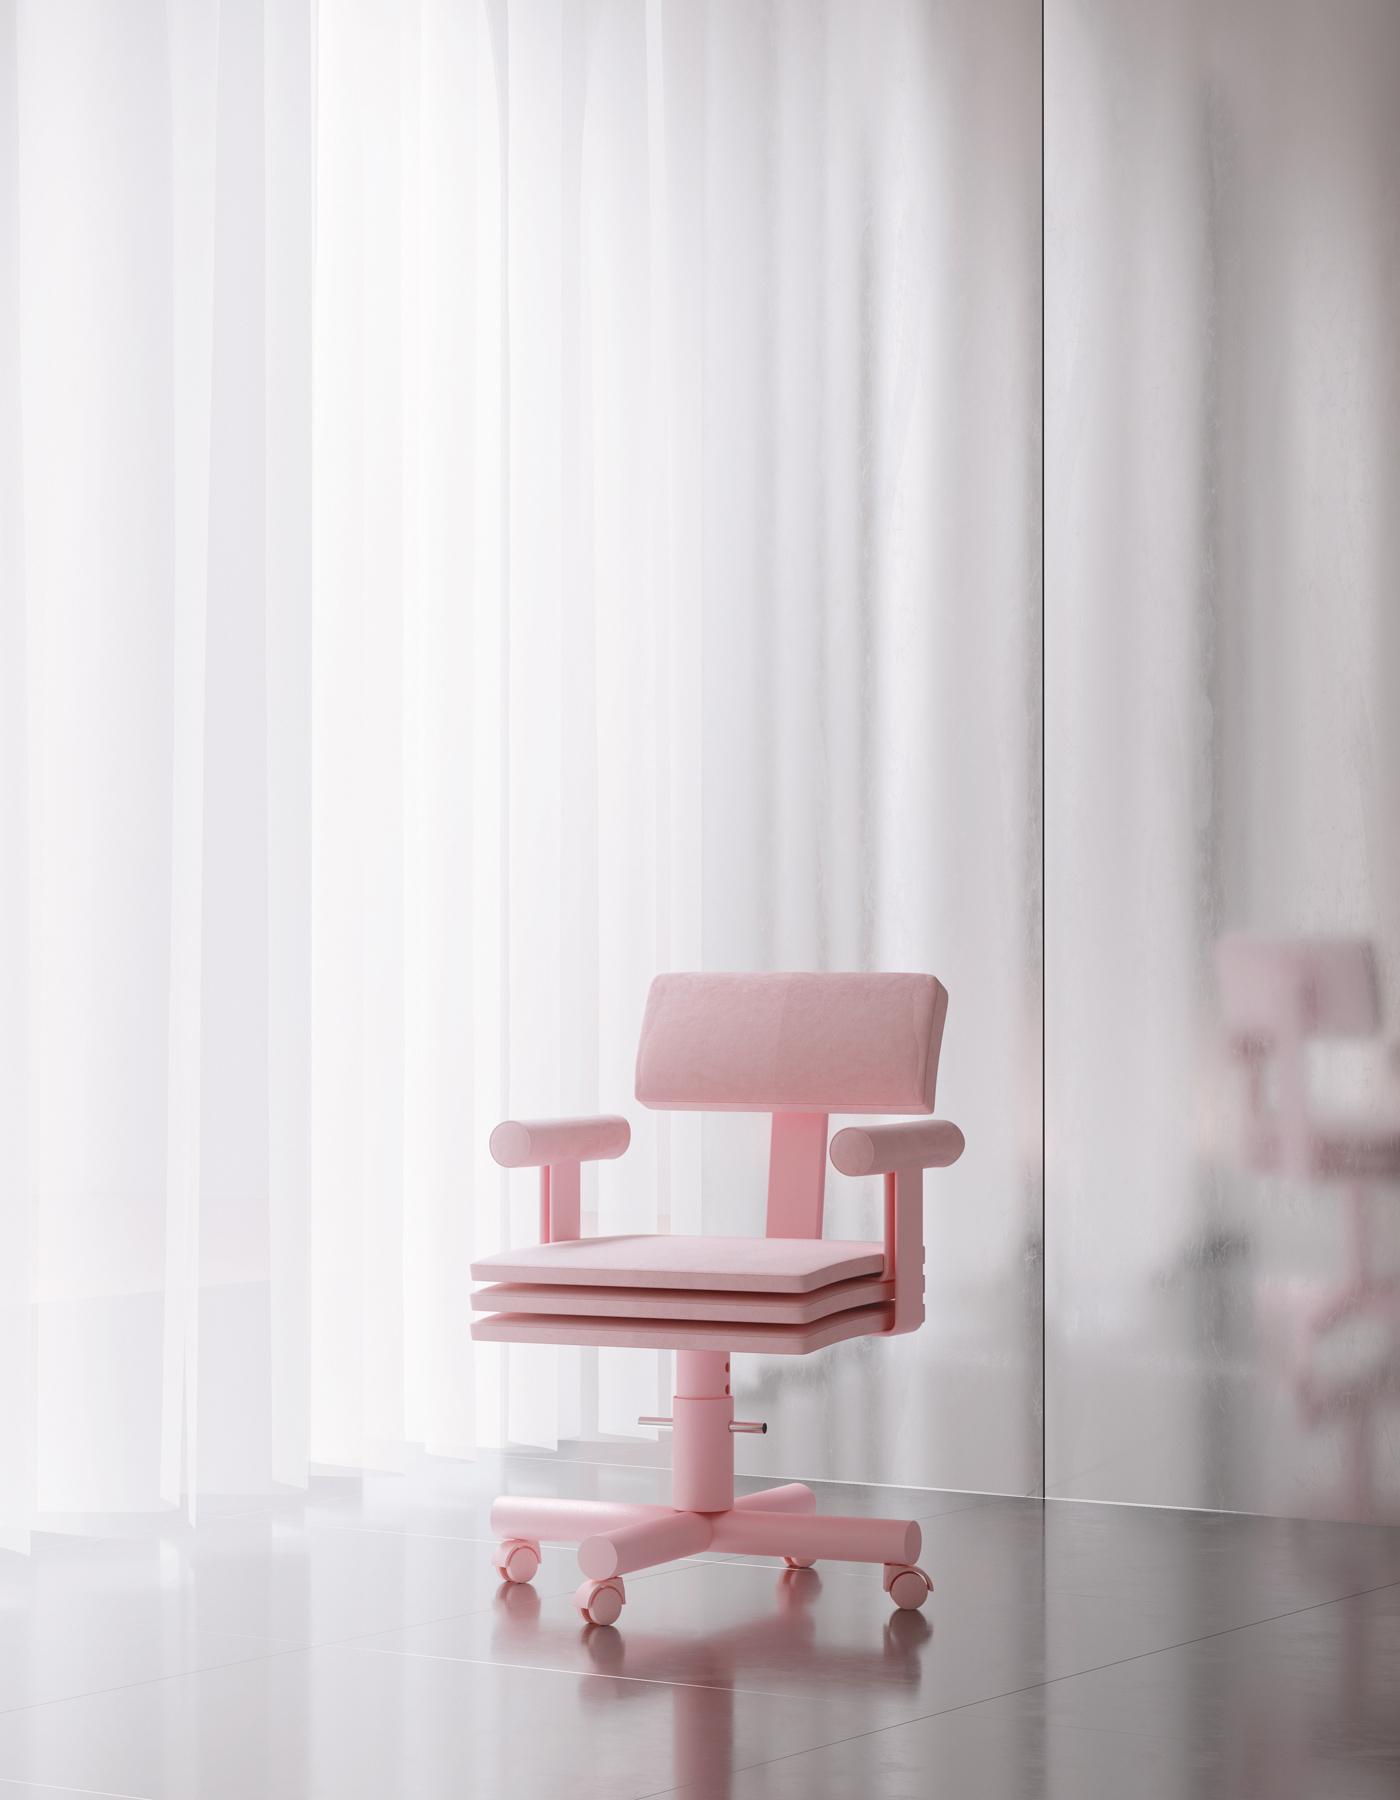 Andrés Reisinger ABBA Chair —2019